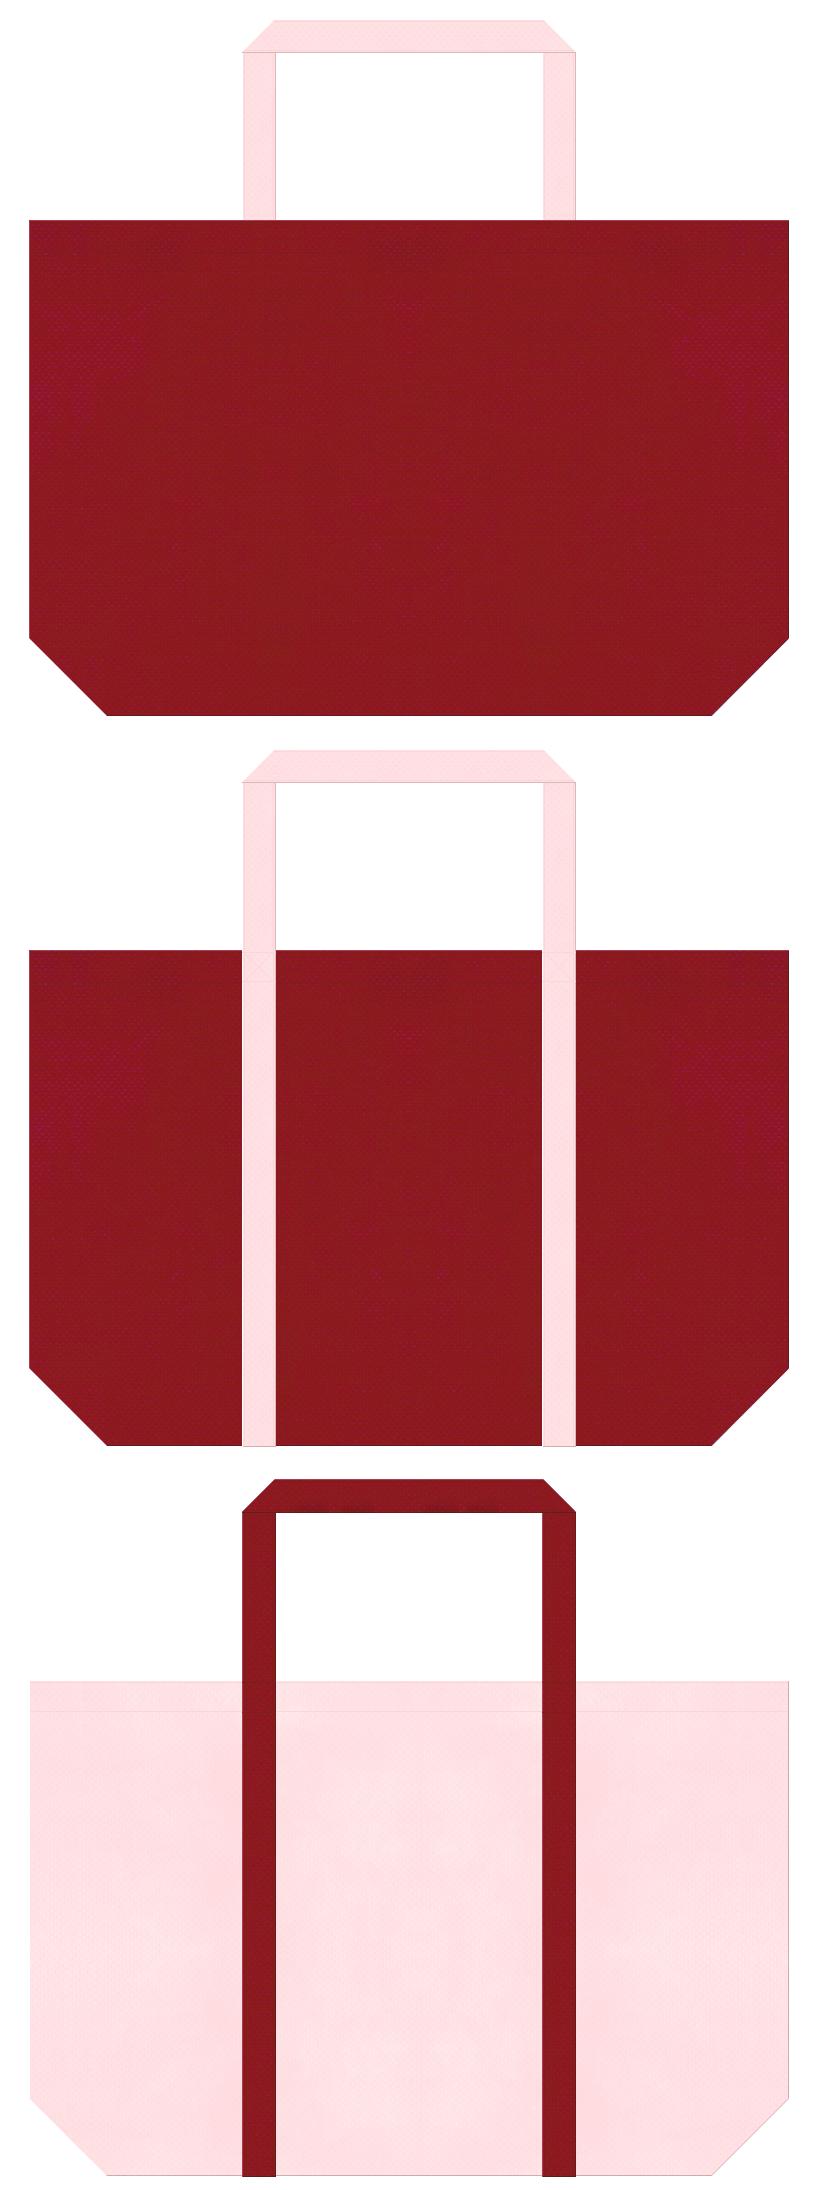 着物・振袖・お花見・成人式・七五三・学校・写真館・和雑貨・和風催事・慶事・ひな祭り・お正月・福袋にお奨め:エンジ色と桜色の不織布ショッピングバッグのデザイン